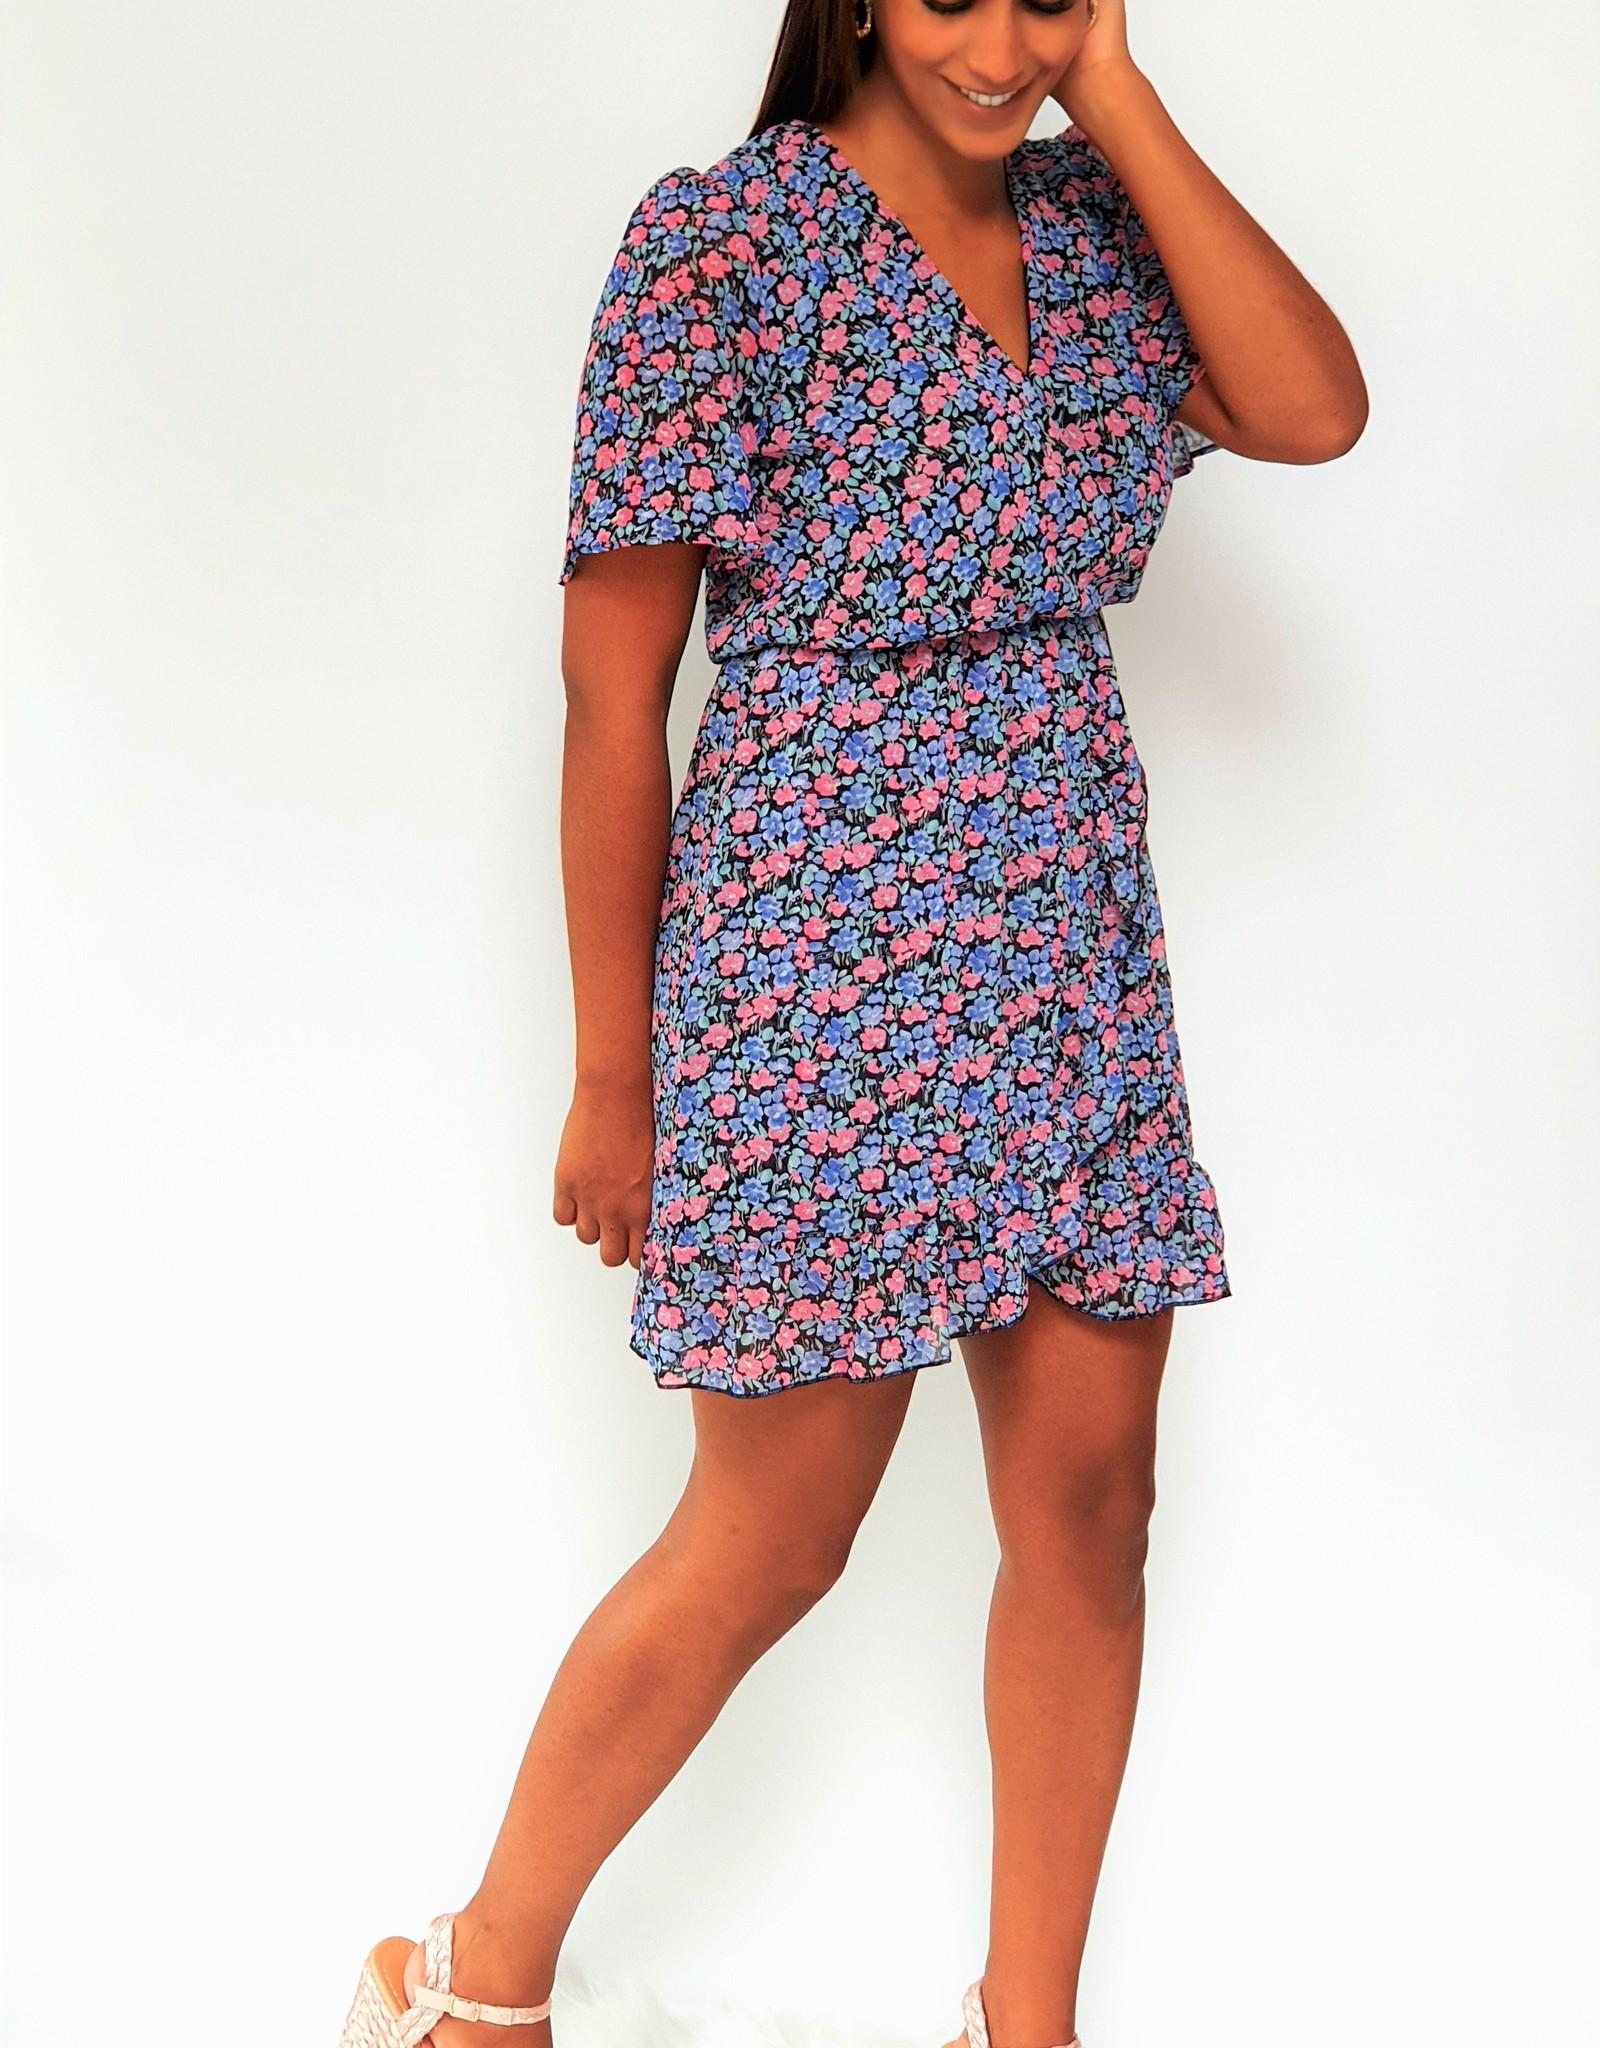 Thé girl next door dress